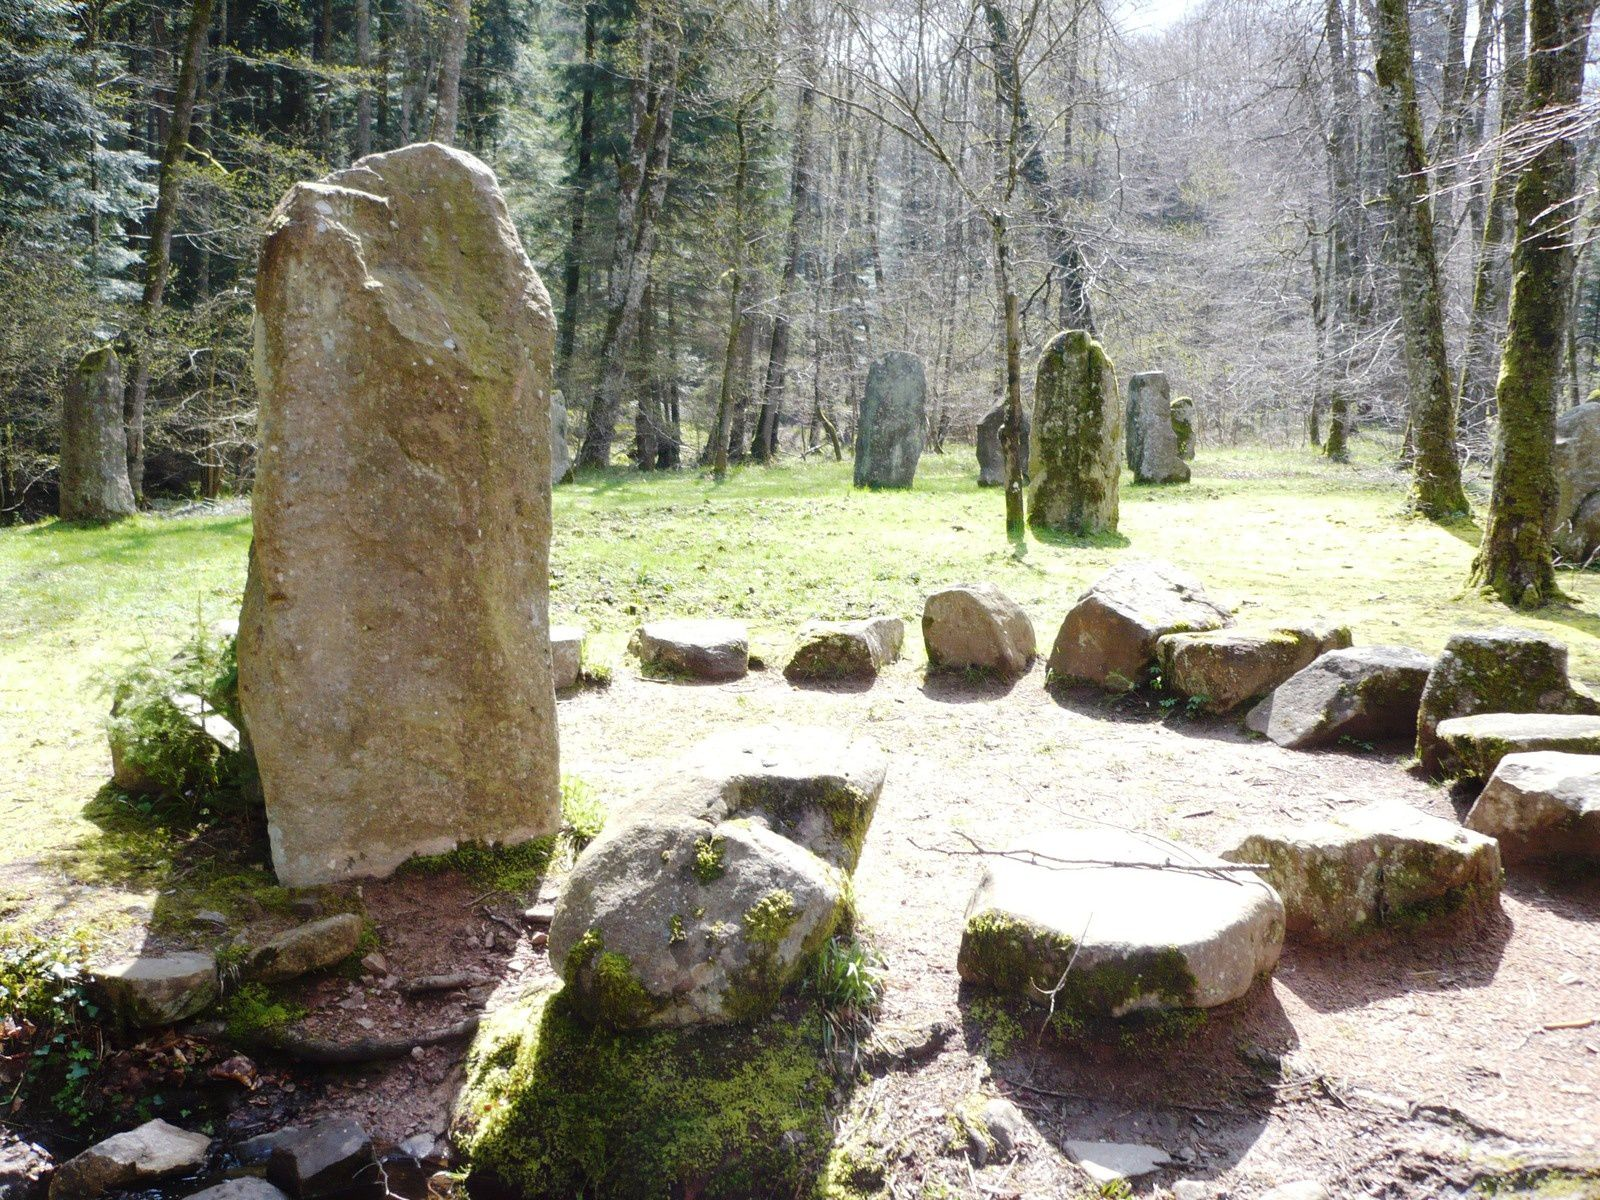 Mercredi 27 avril - Randonnée autour de Boersch